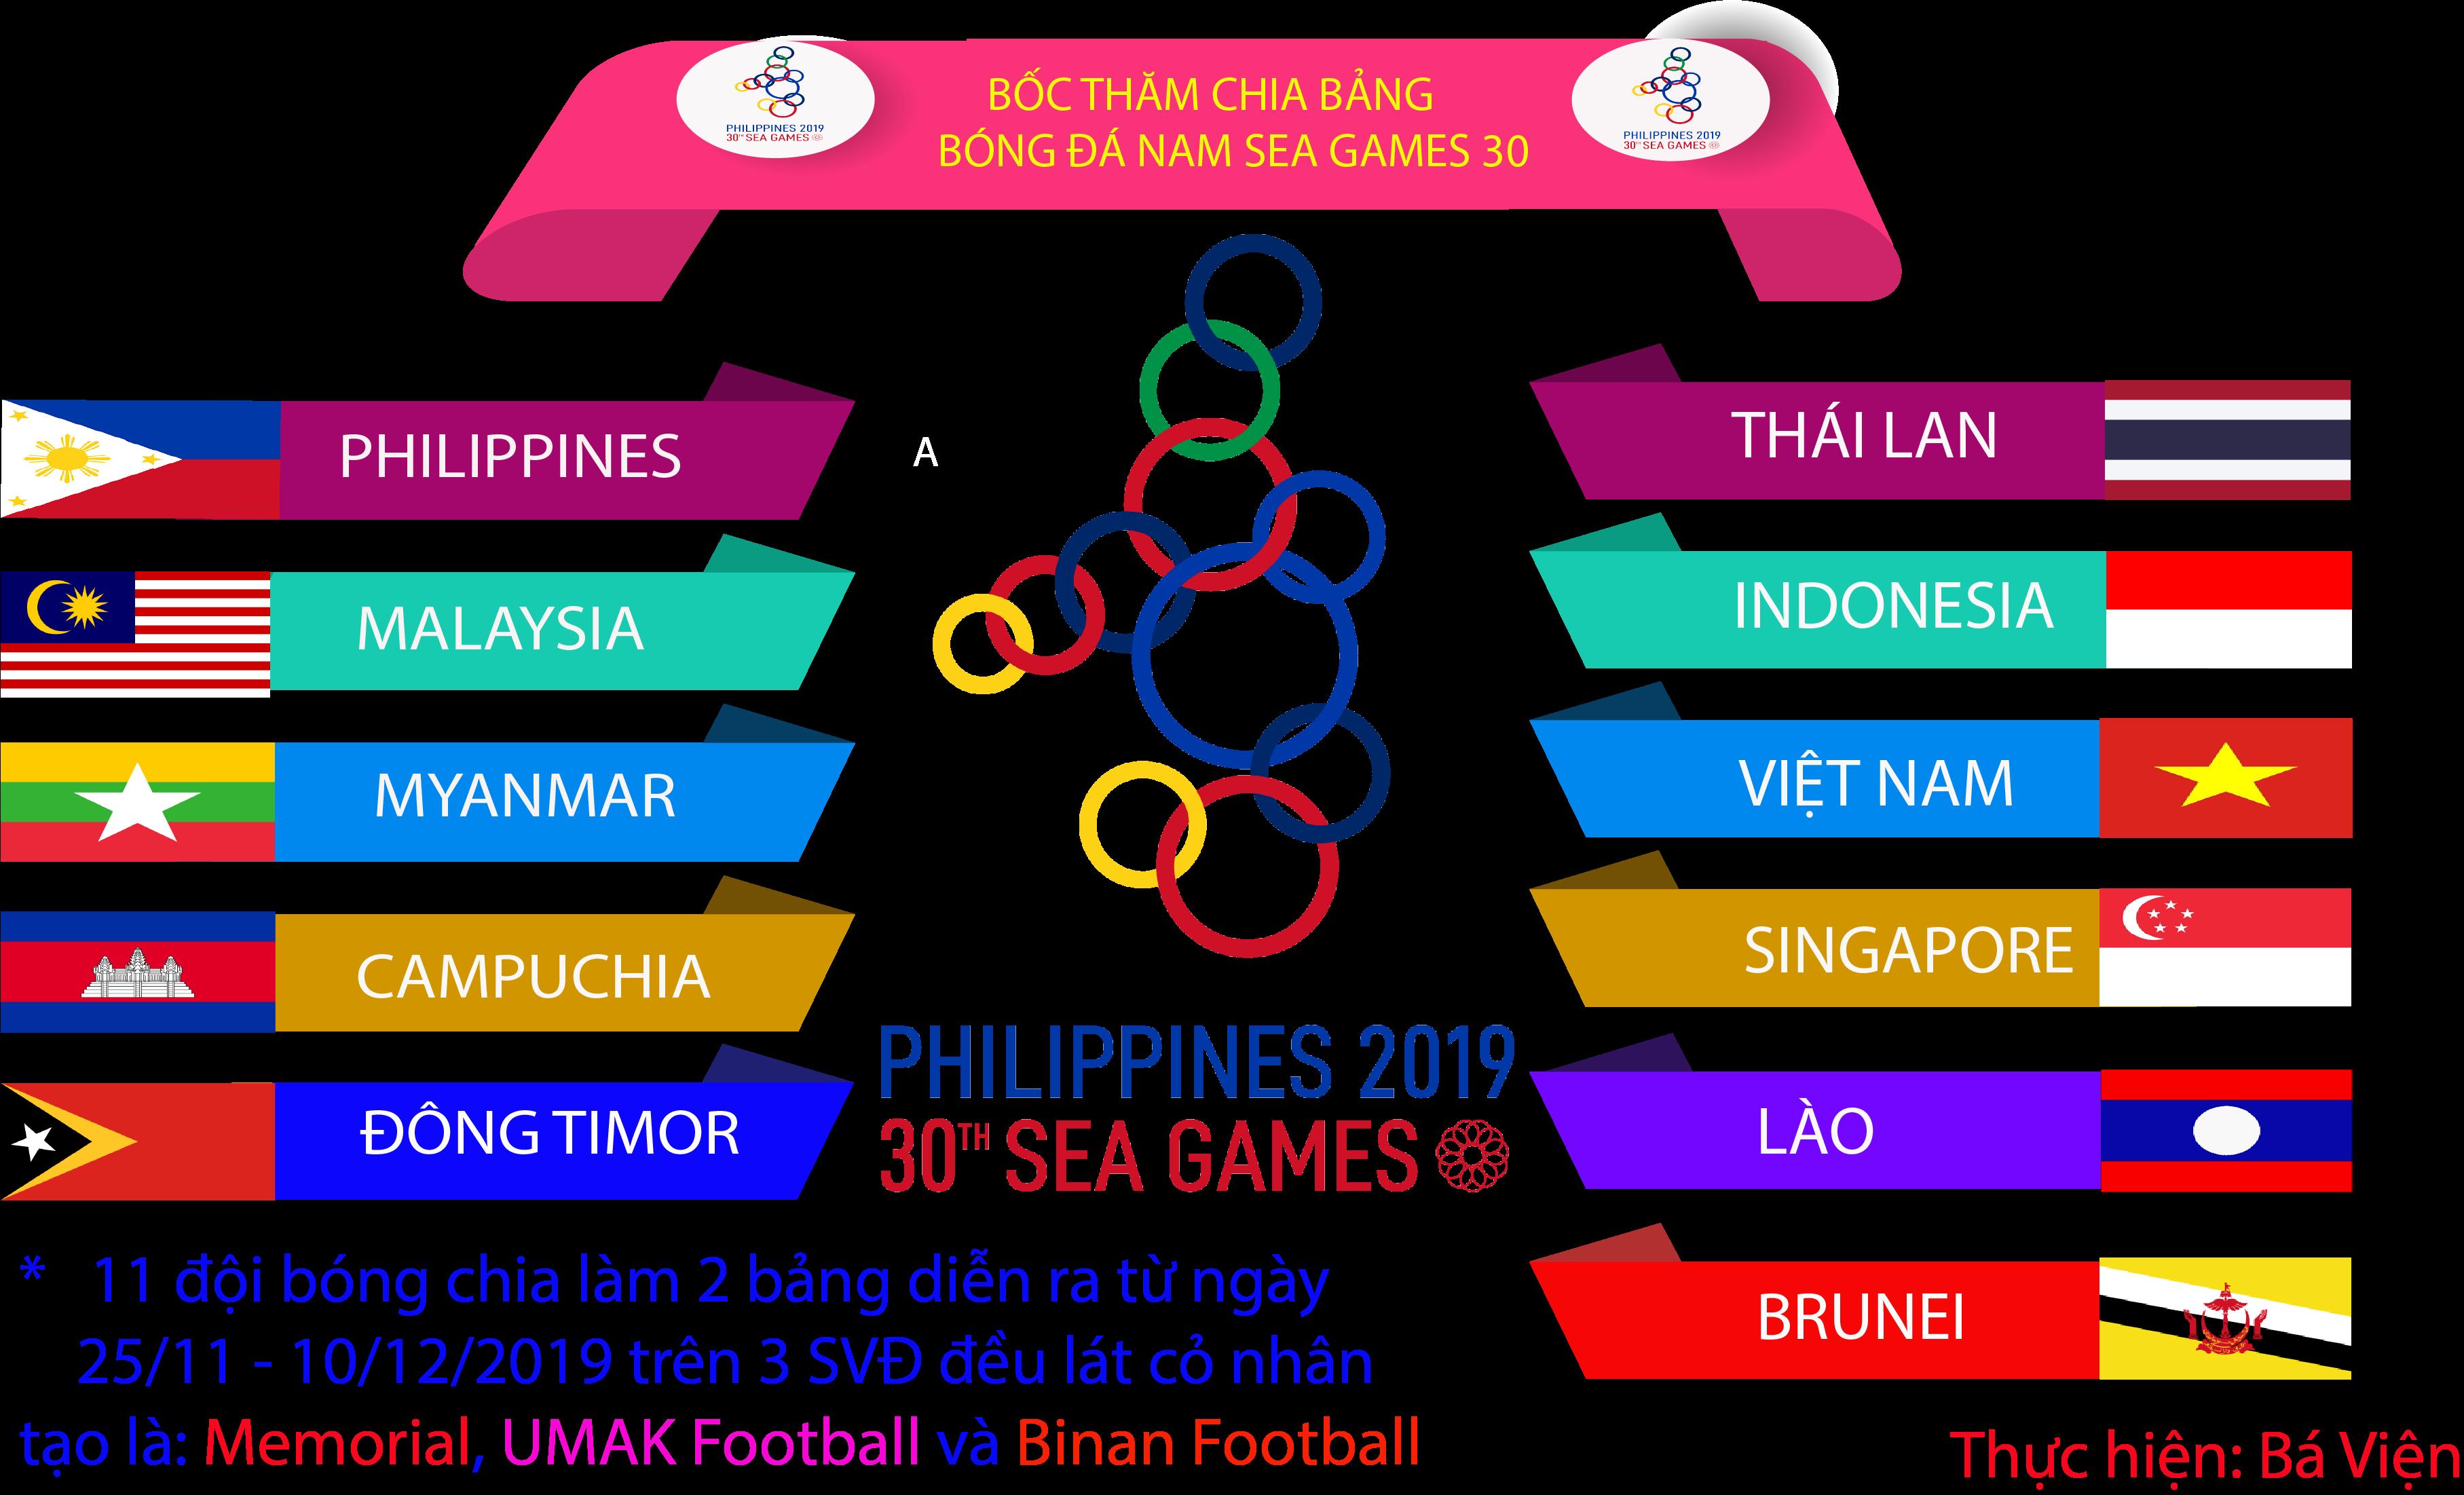 [ Infographics] Bốc thăm chia bảng môn Bóng đá nam Sea Games 30 tại Philippines 2019